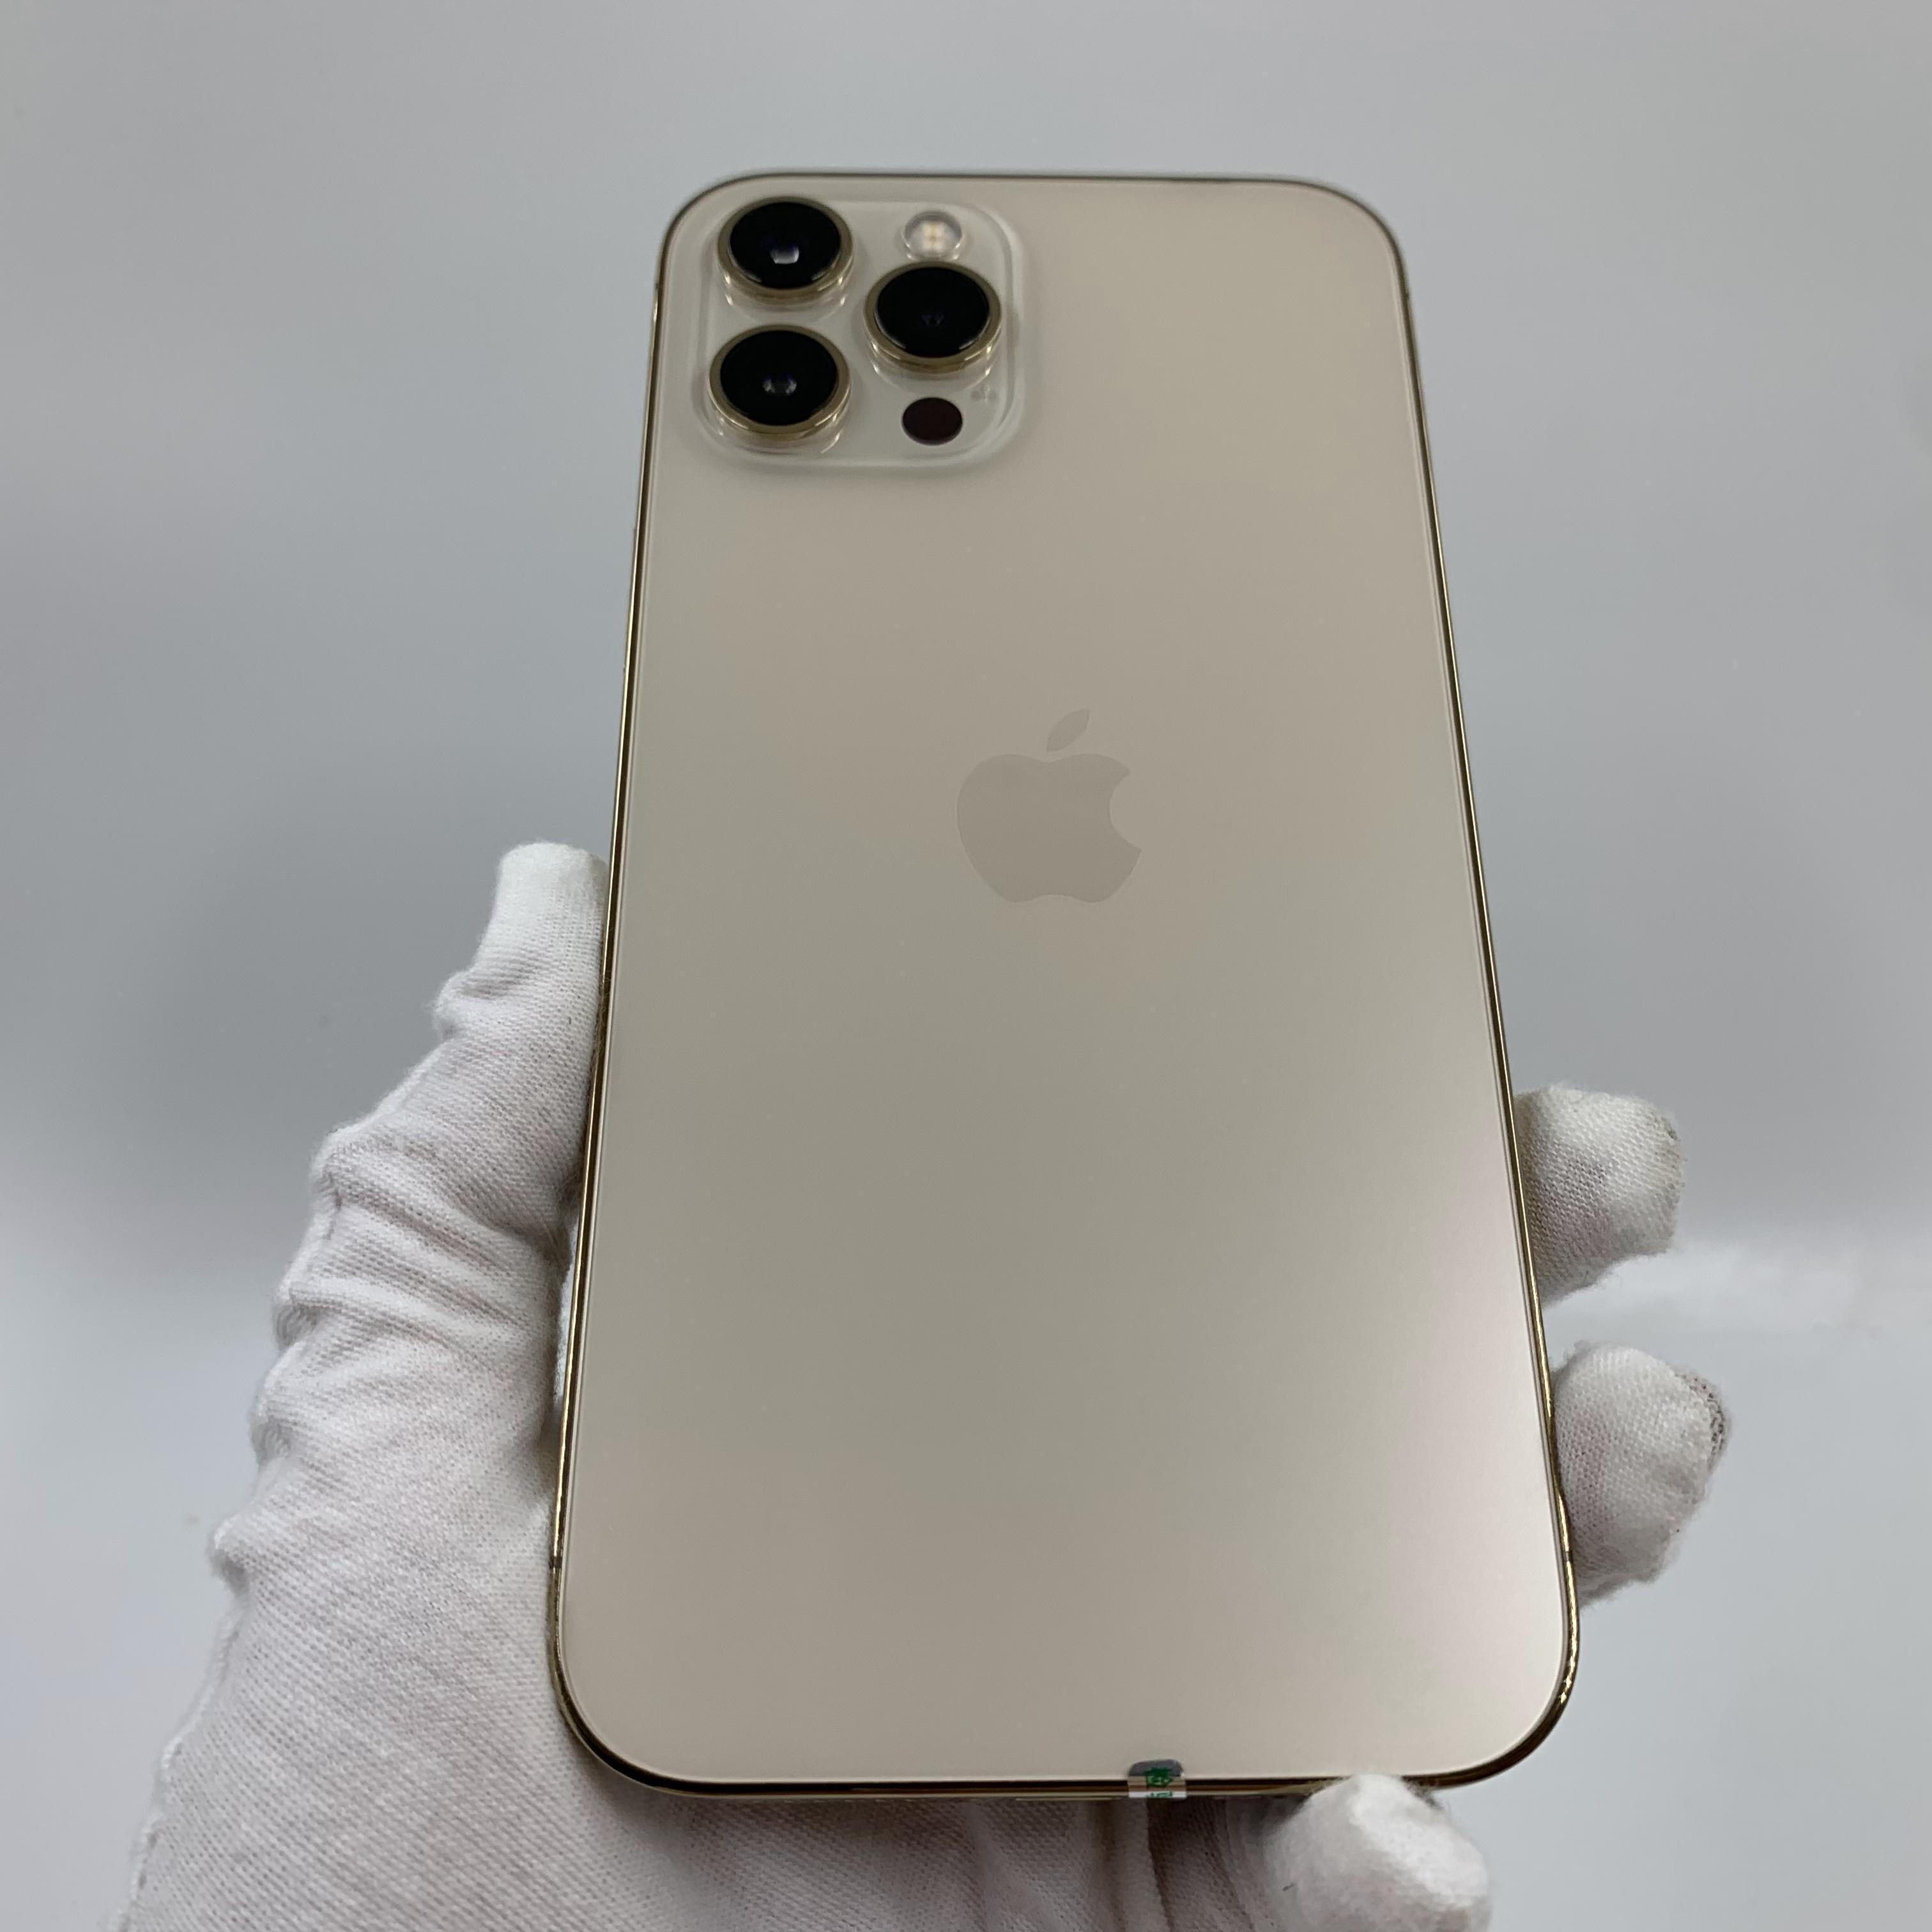 苹果【iPhone 12 Pro Max】5G全网通 金色 512G 国行 95新 真机实拍官保2022-02-07